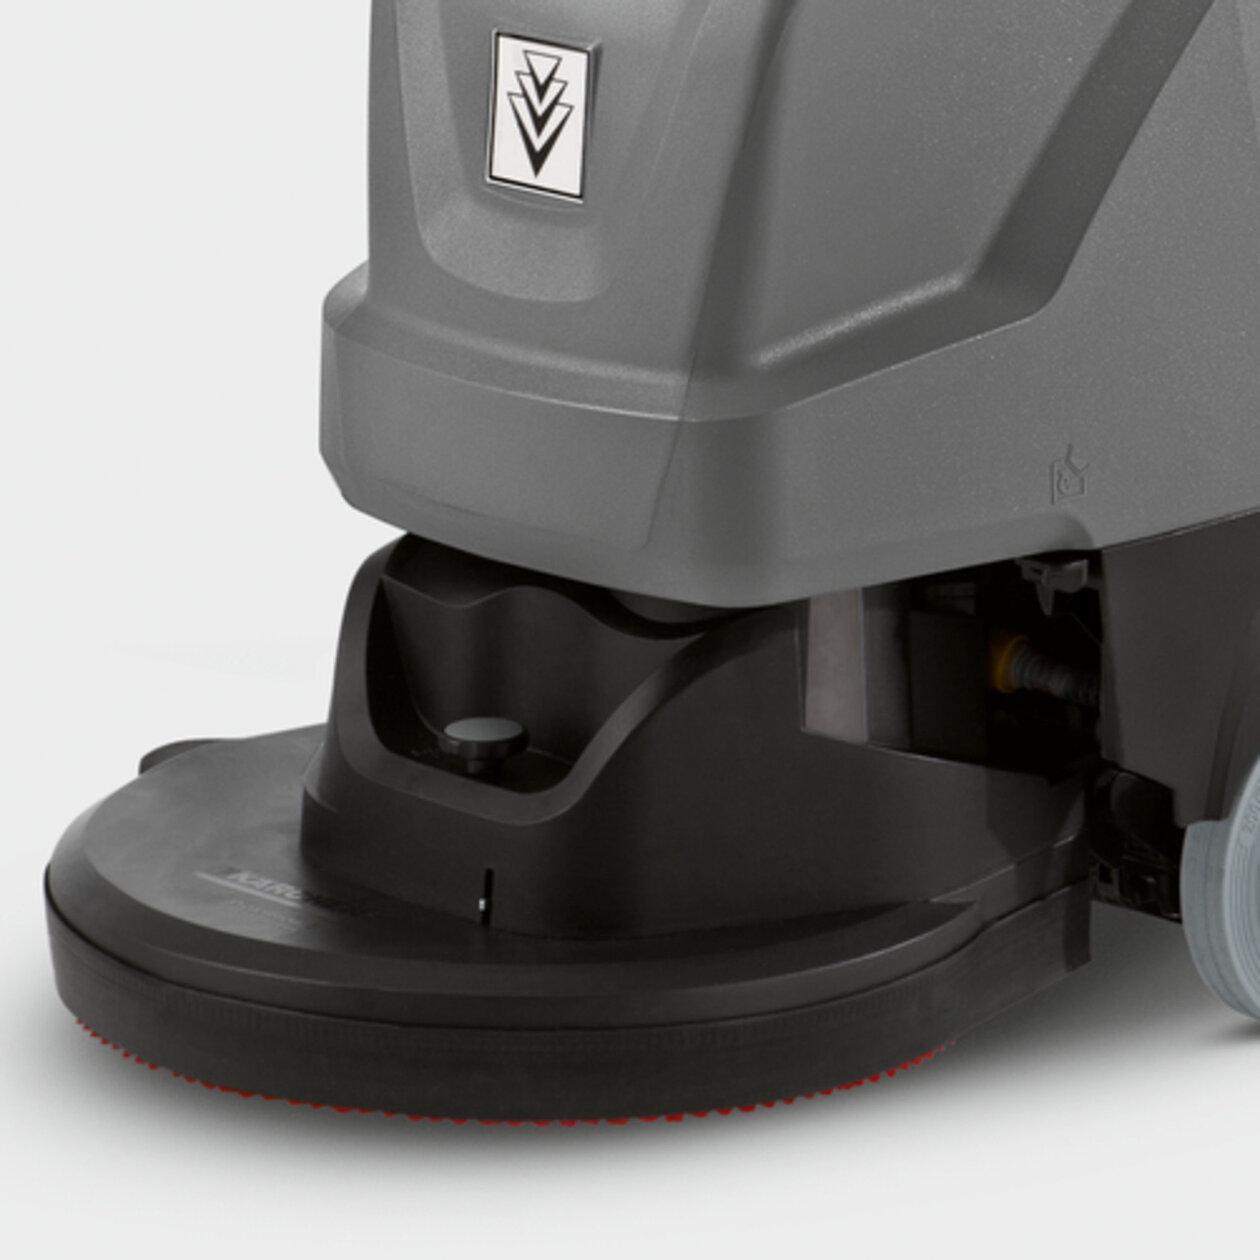 Súroló-szívógép B 40 C Bp+70Ah+D43+AutoFill+Squeegee: Kefefej tárcsatechnikával